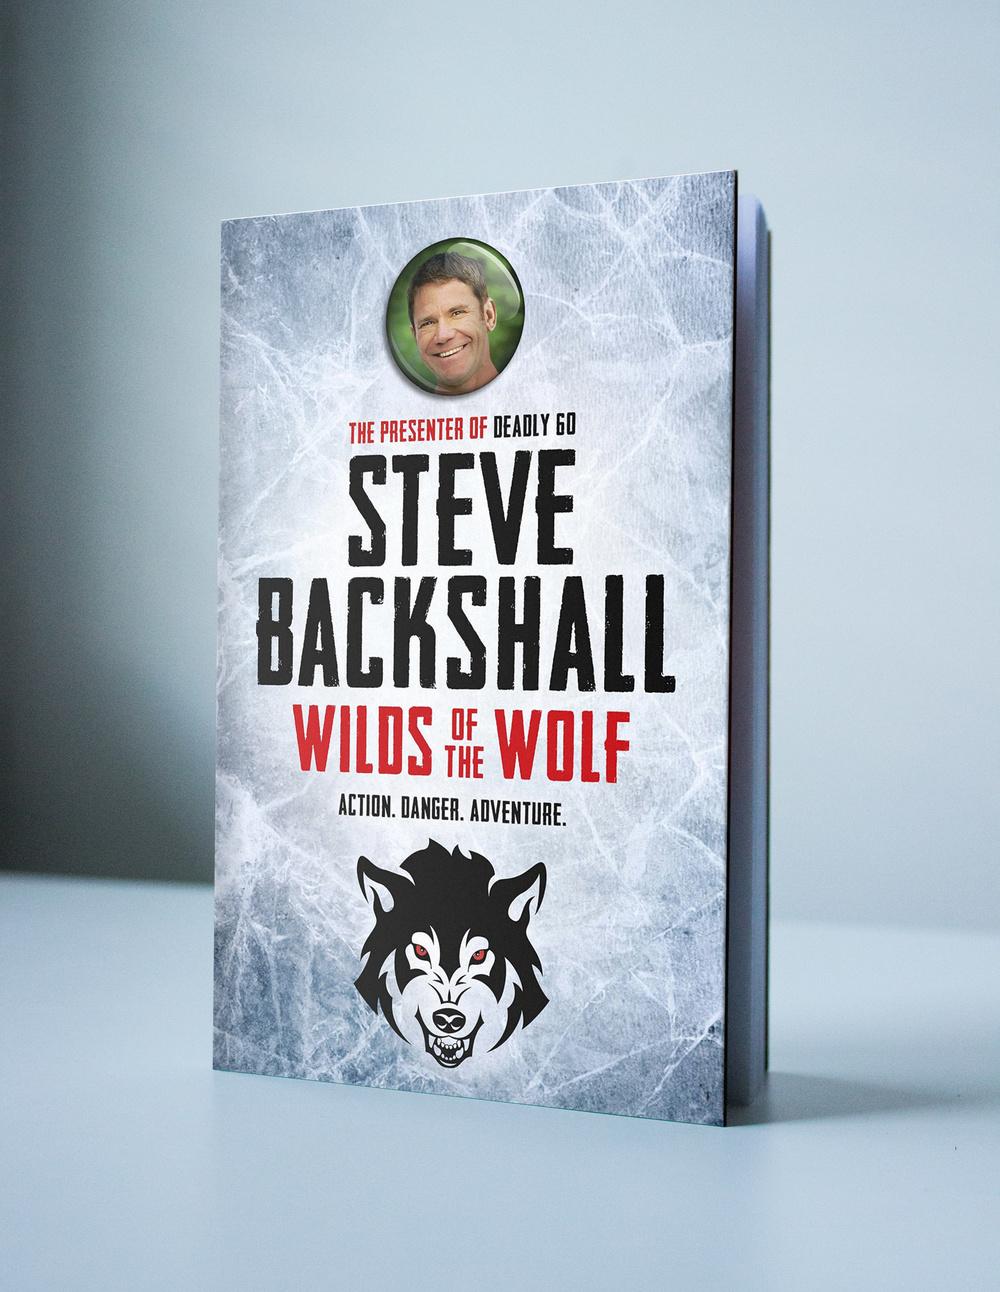 Steve Backshall Wilds Of The Wolf